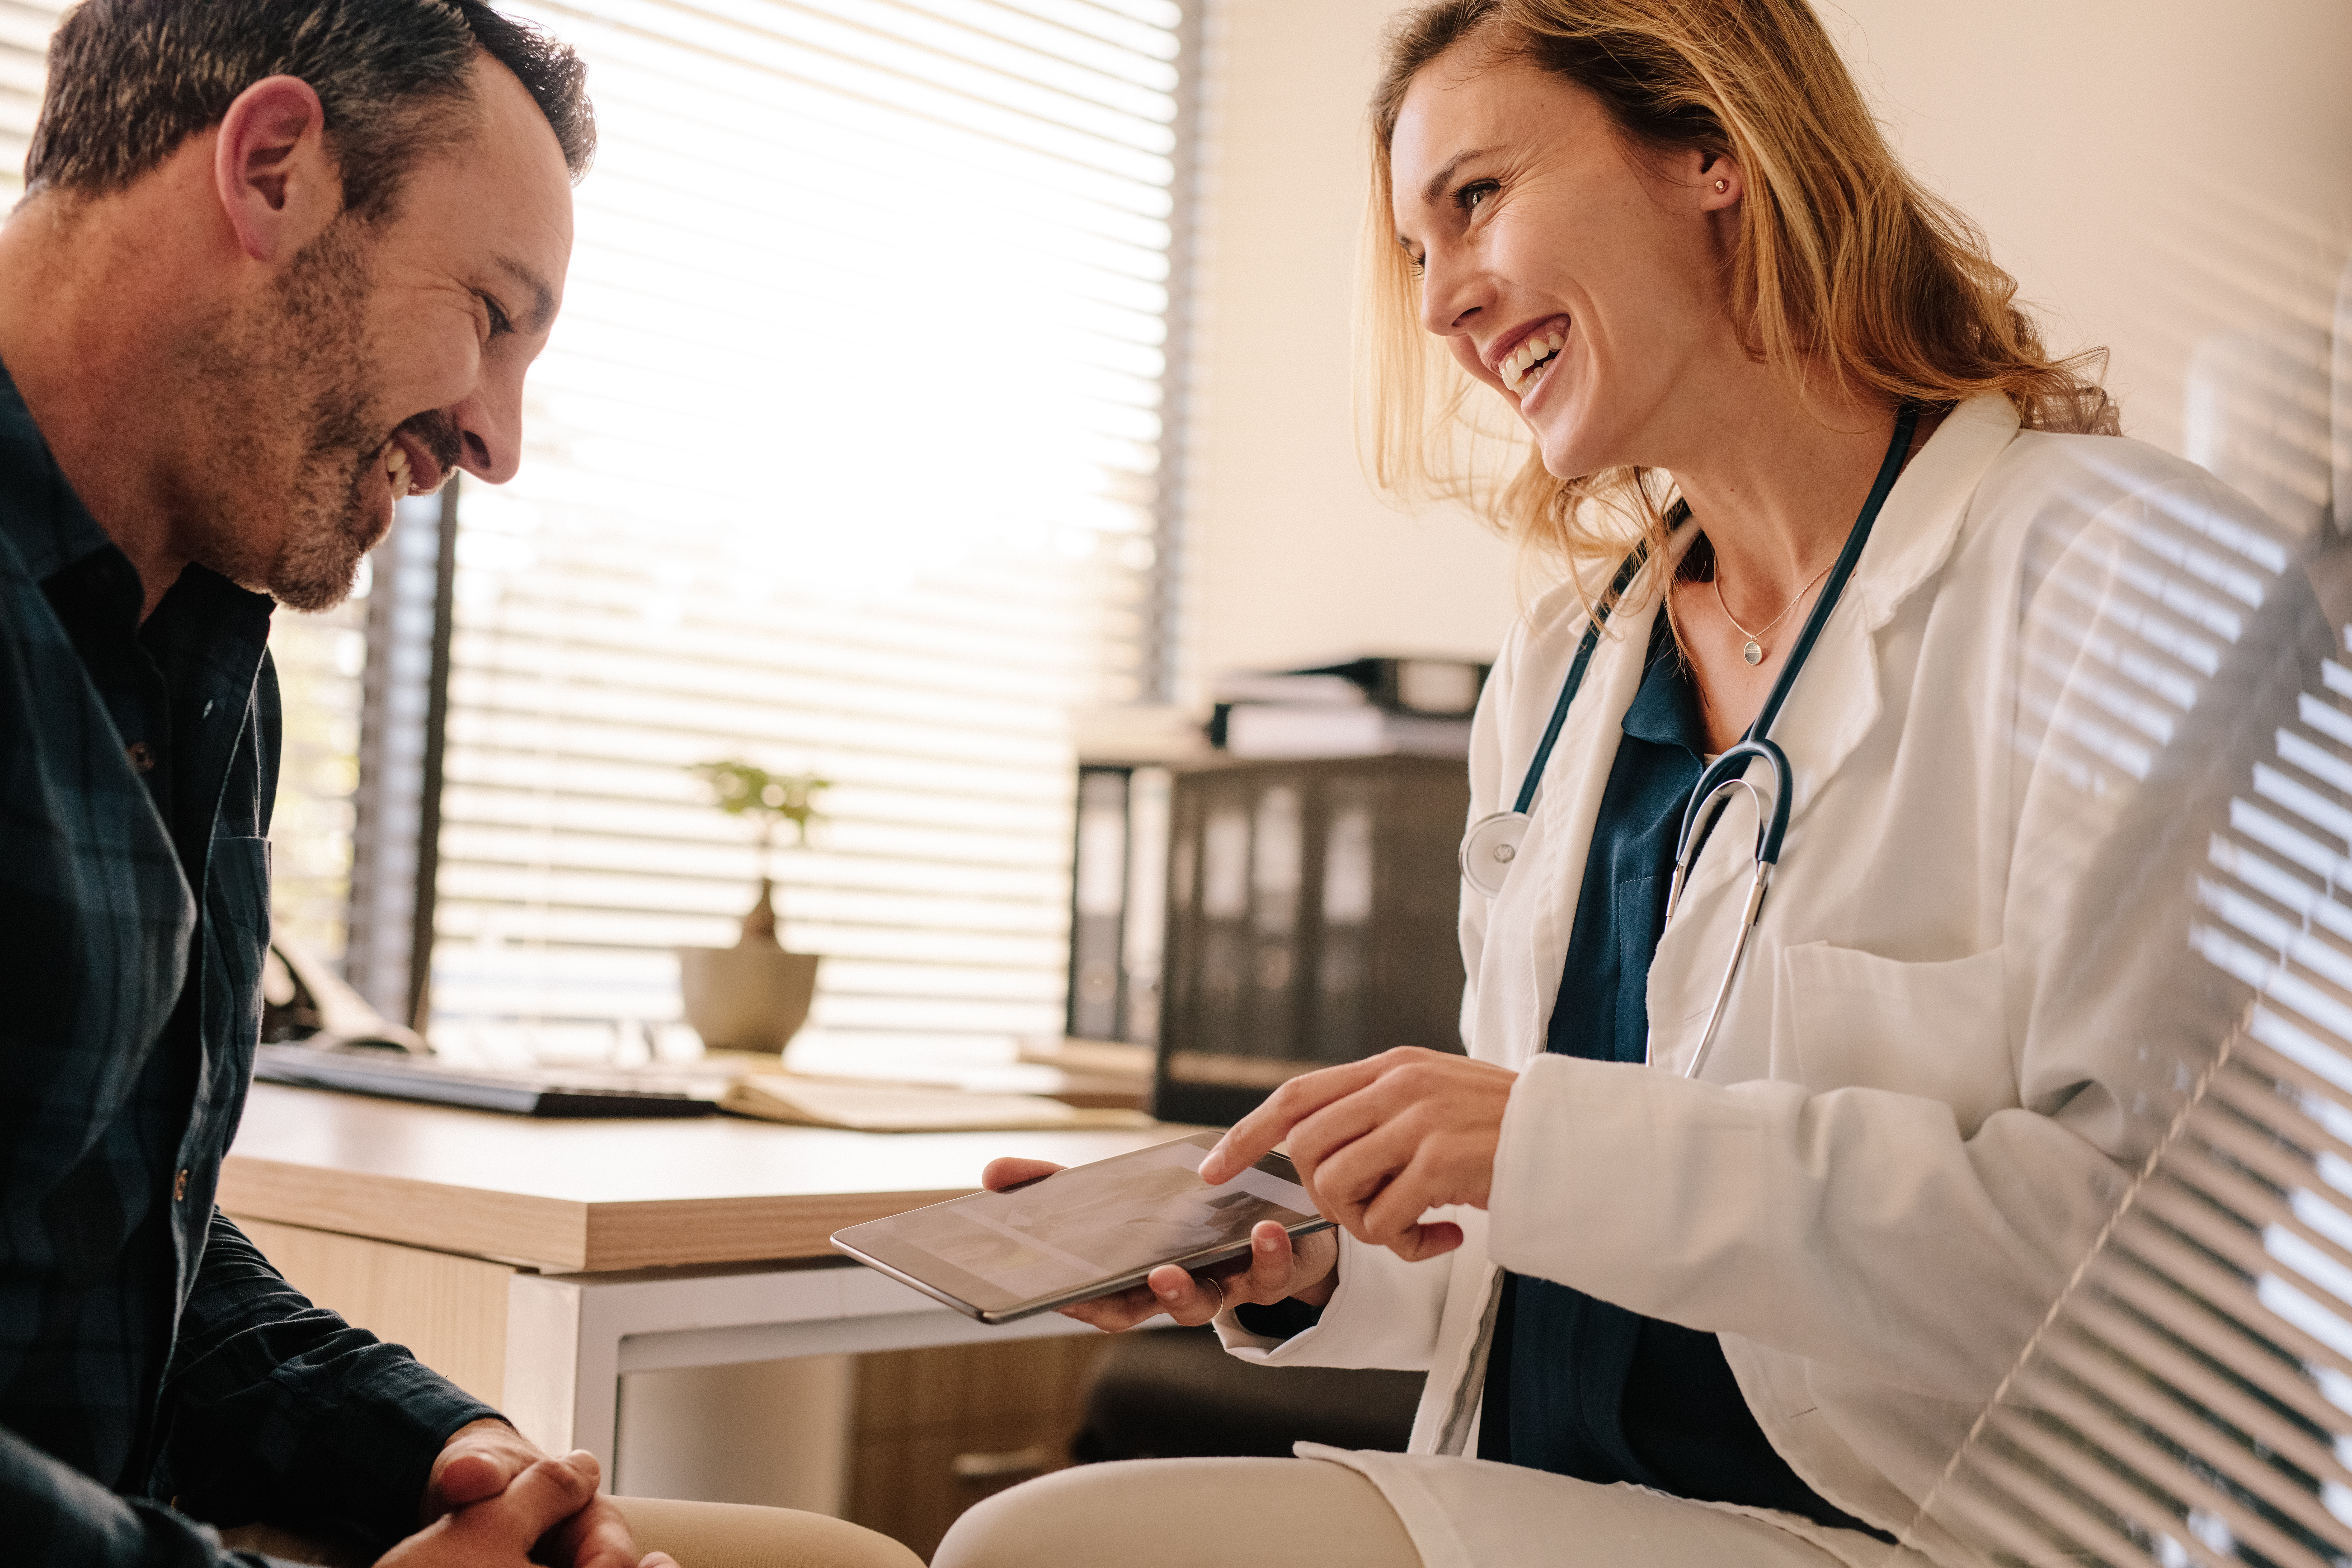 Empoderamento do paciente. Como sua clínica pode oferecer uma experiência digital - Doctoralia